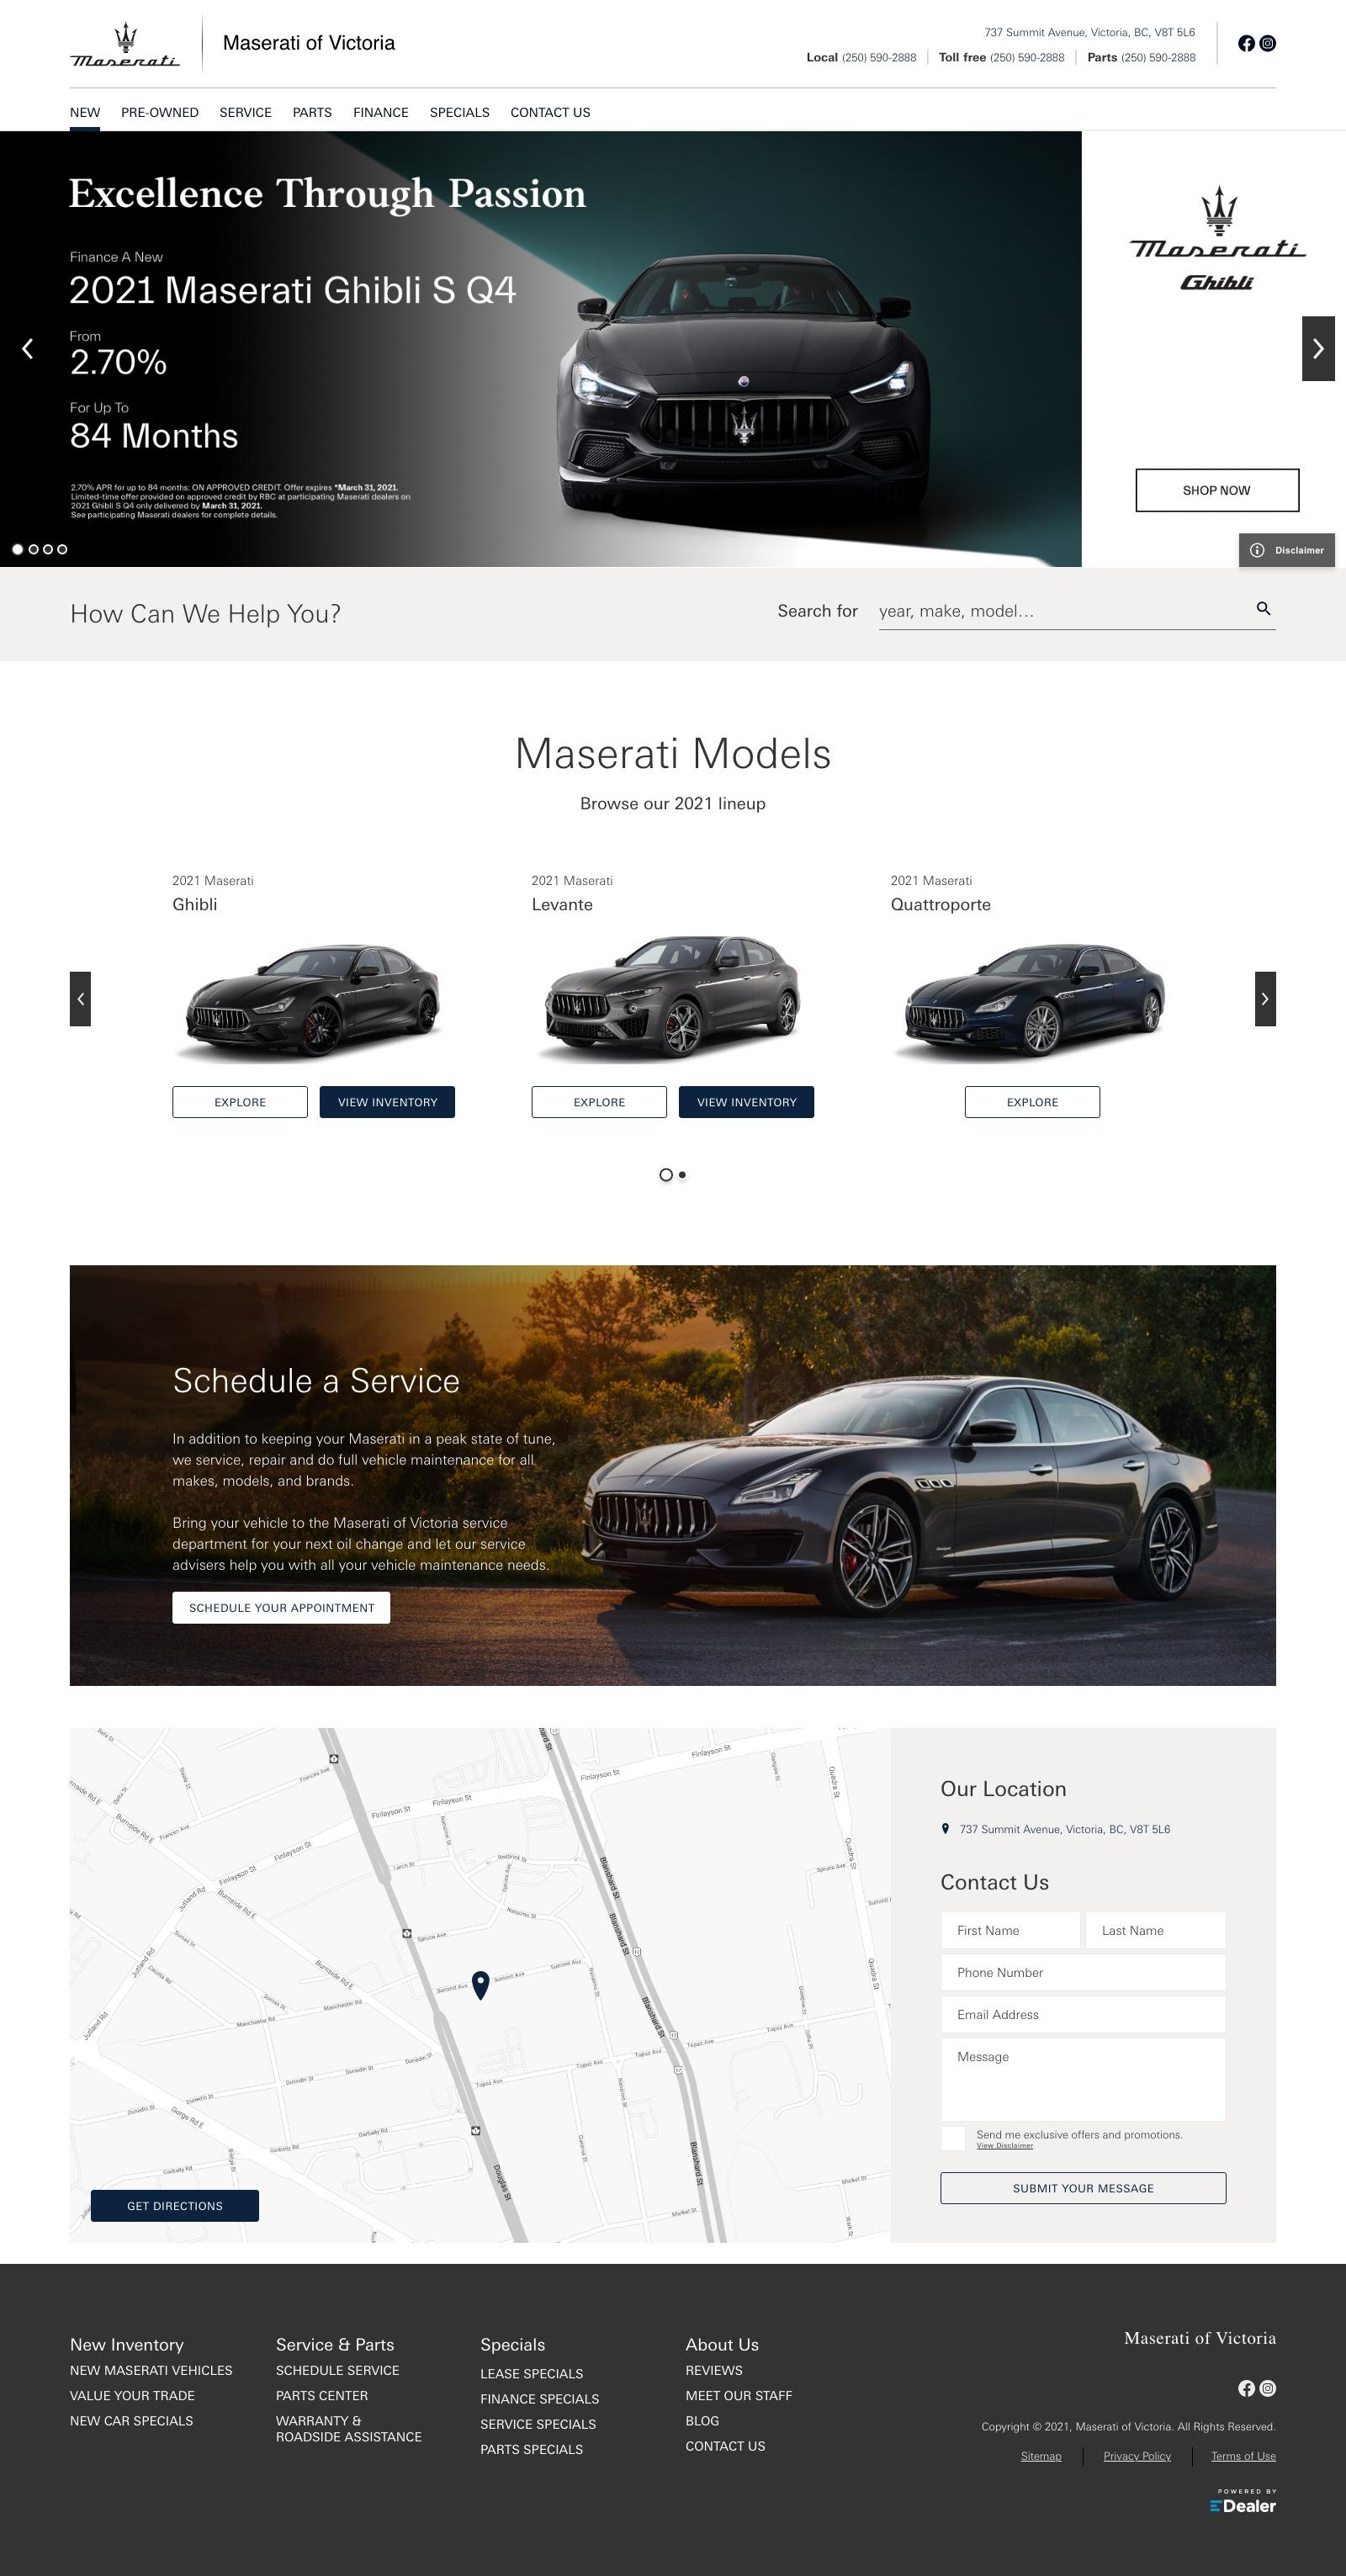 Maserati of Victoria